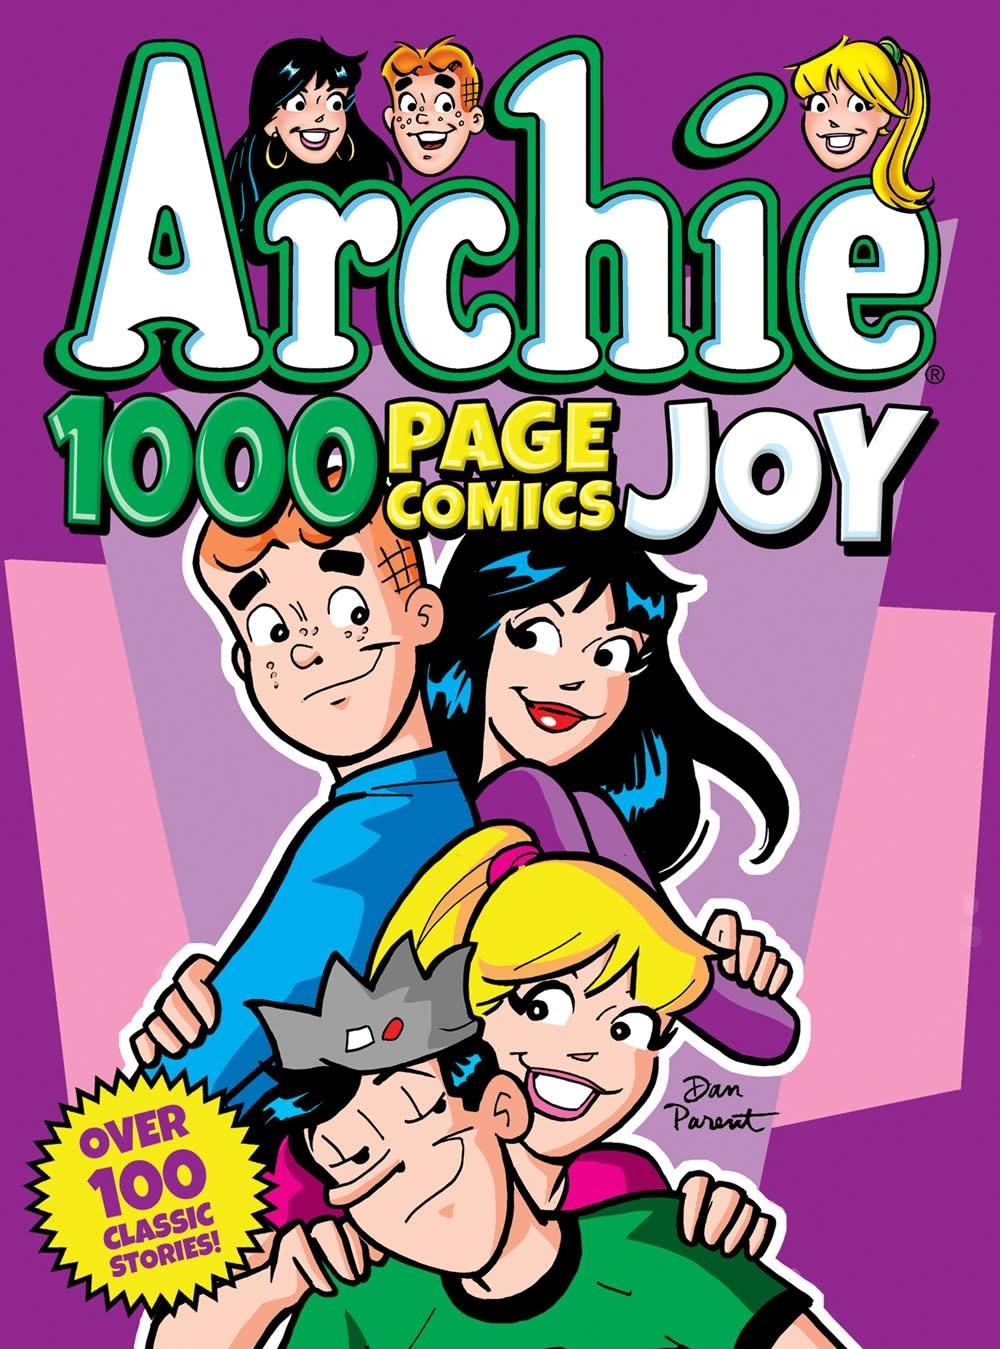 Archie Comics Archie 1000 Page Comics Joy